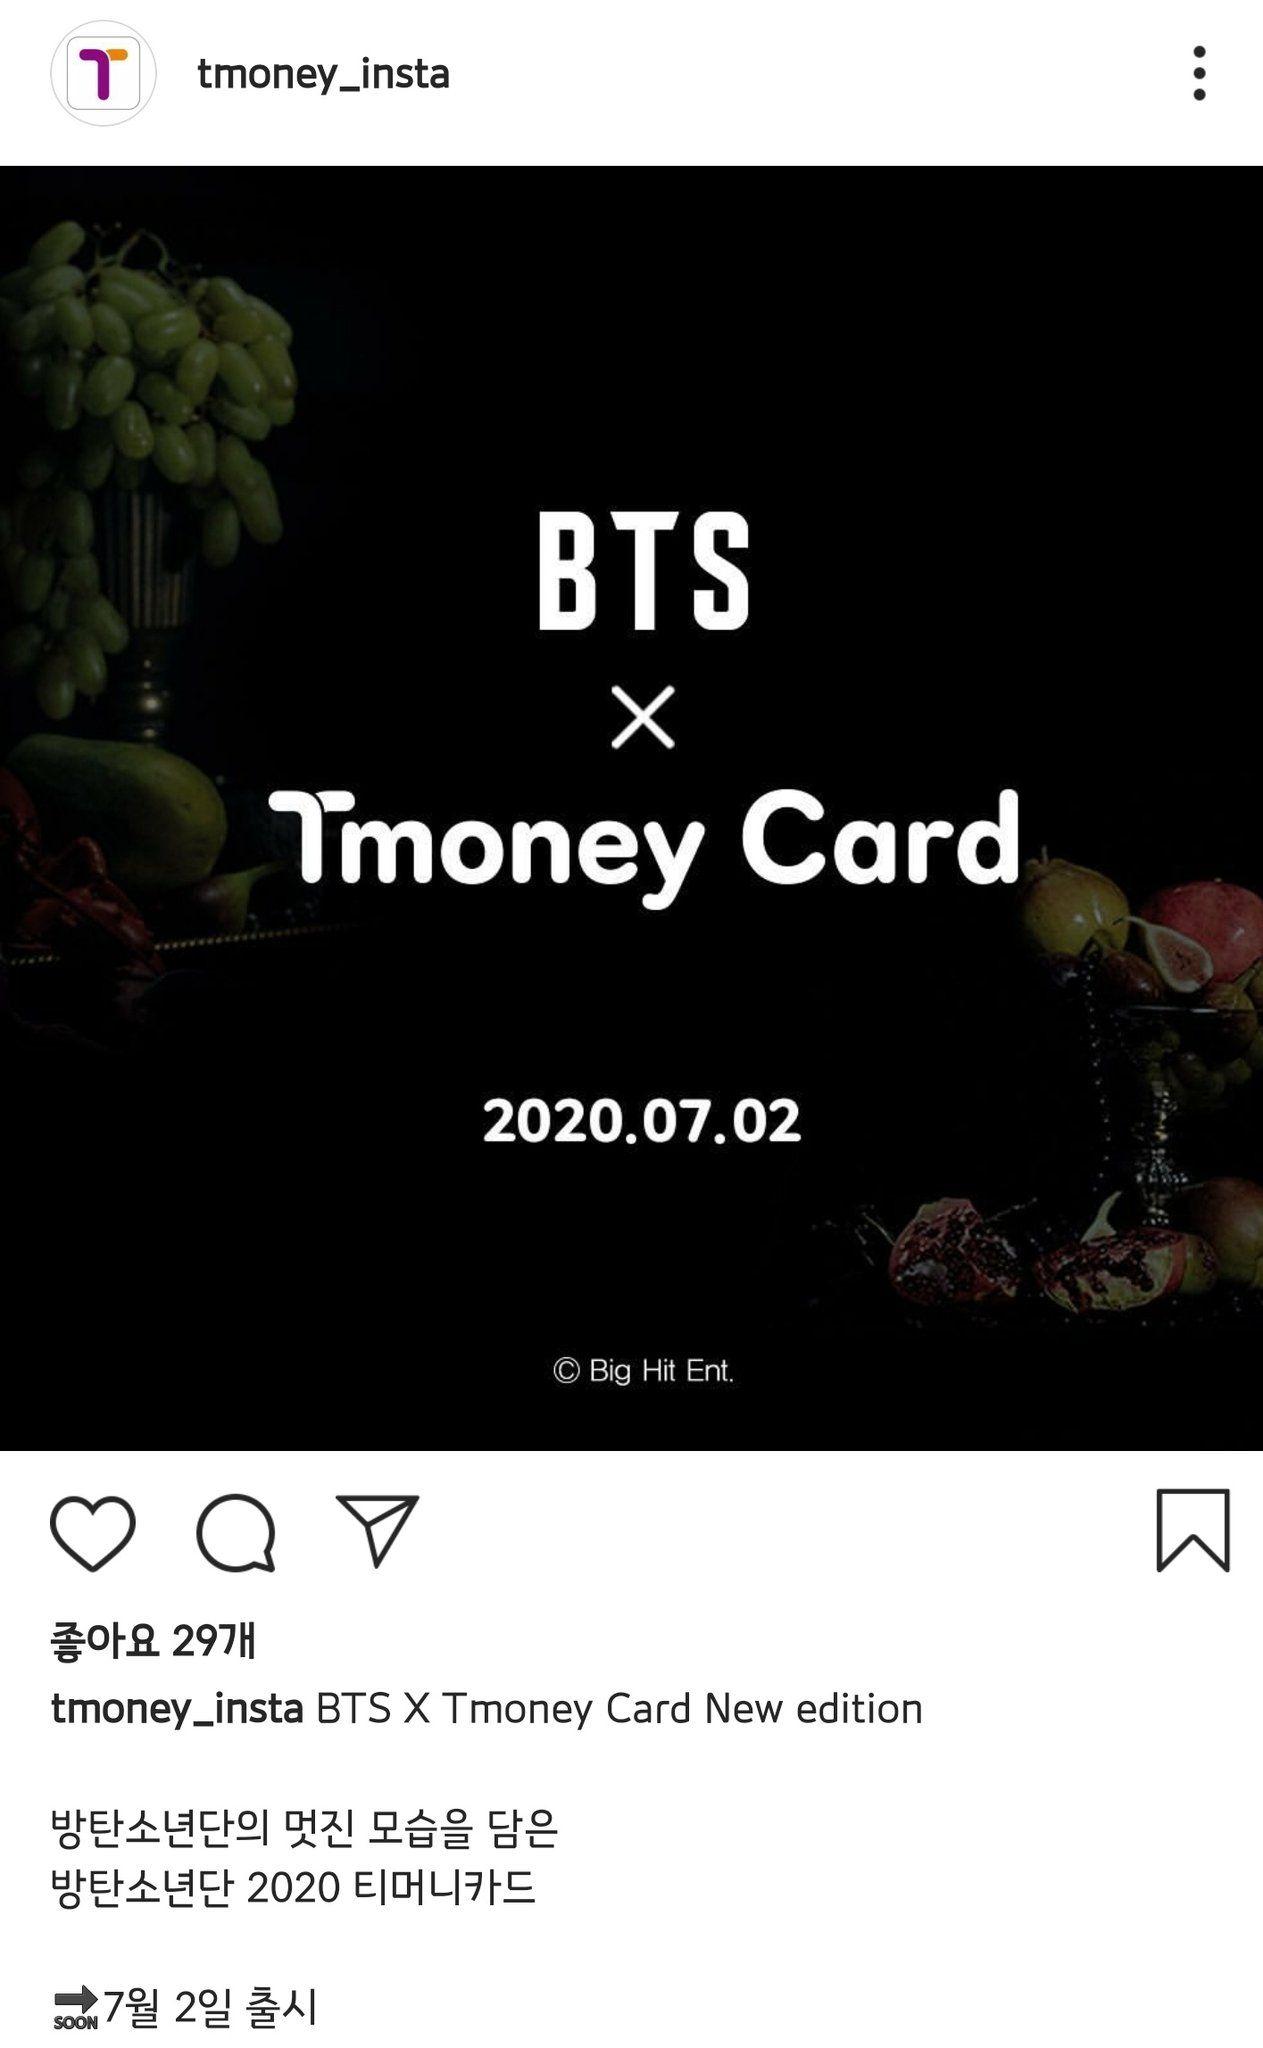 BTS X Tmoney Card New edition